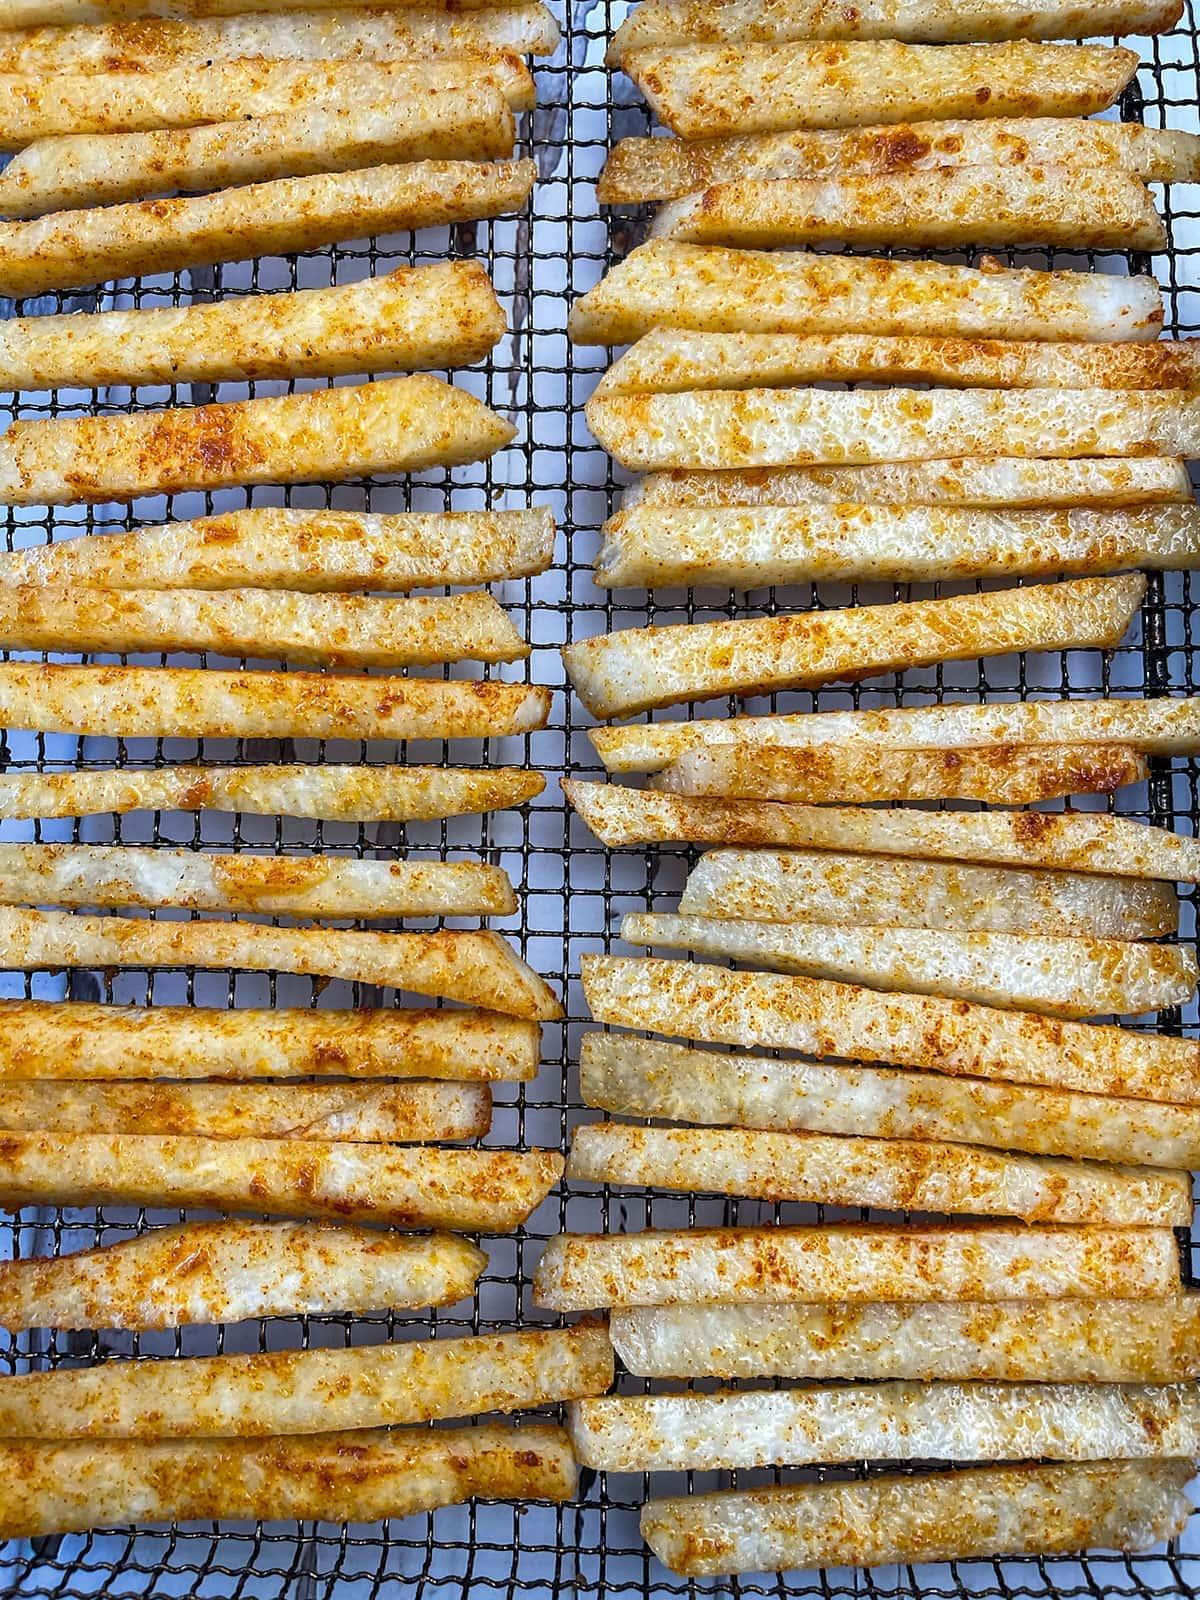 jicama fries on air fryer basket